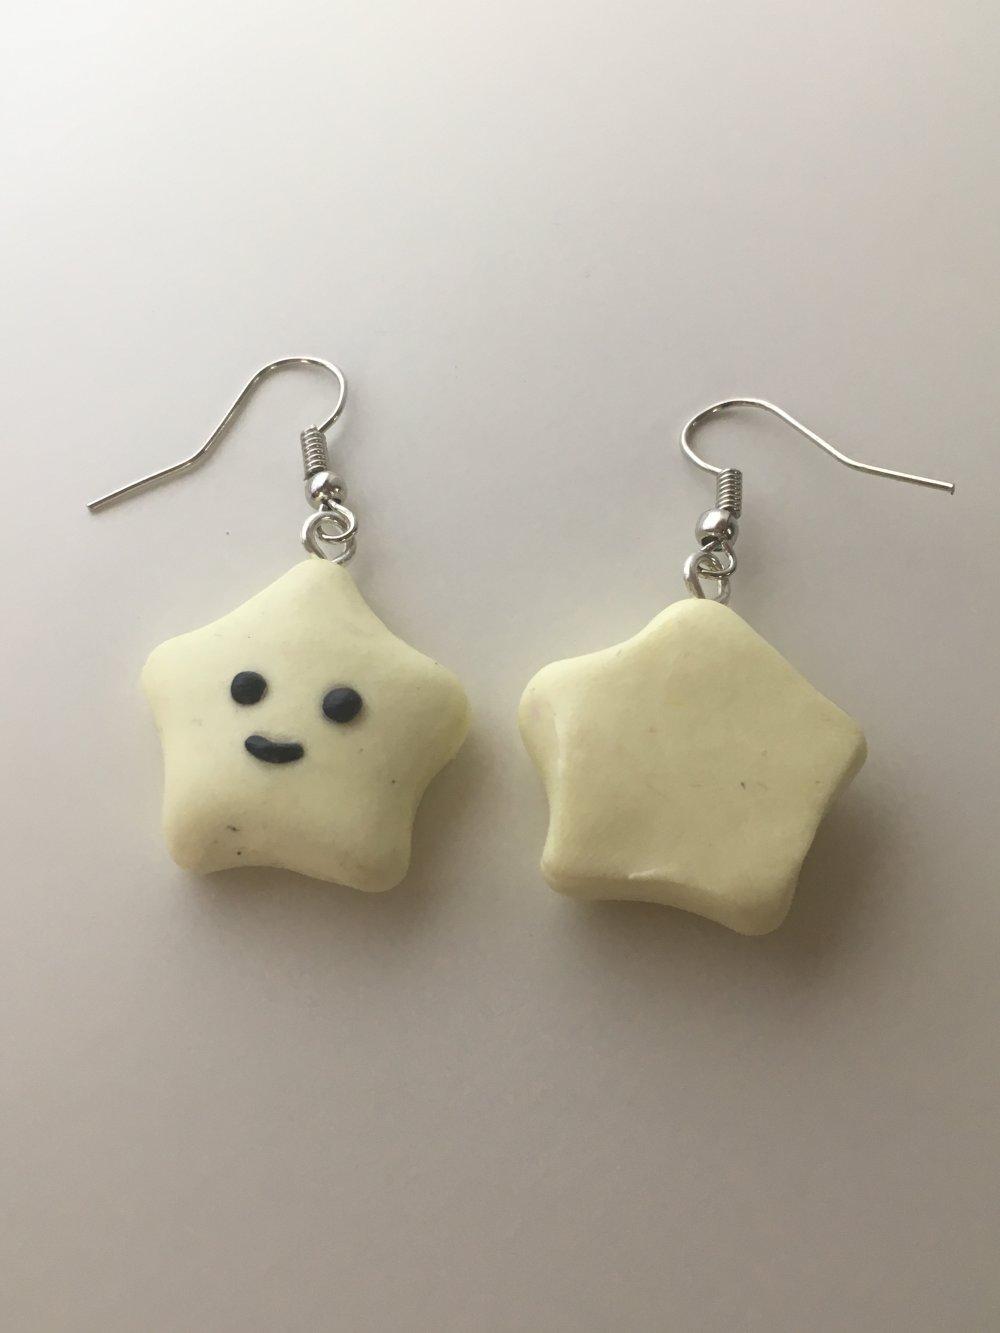 Boucles d'oreilles - Etoile kawaii jaune en pâte polymère